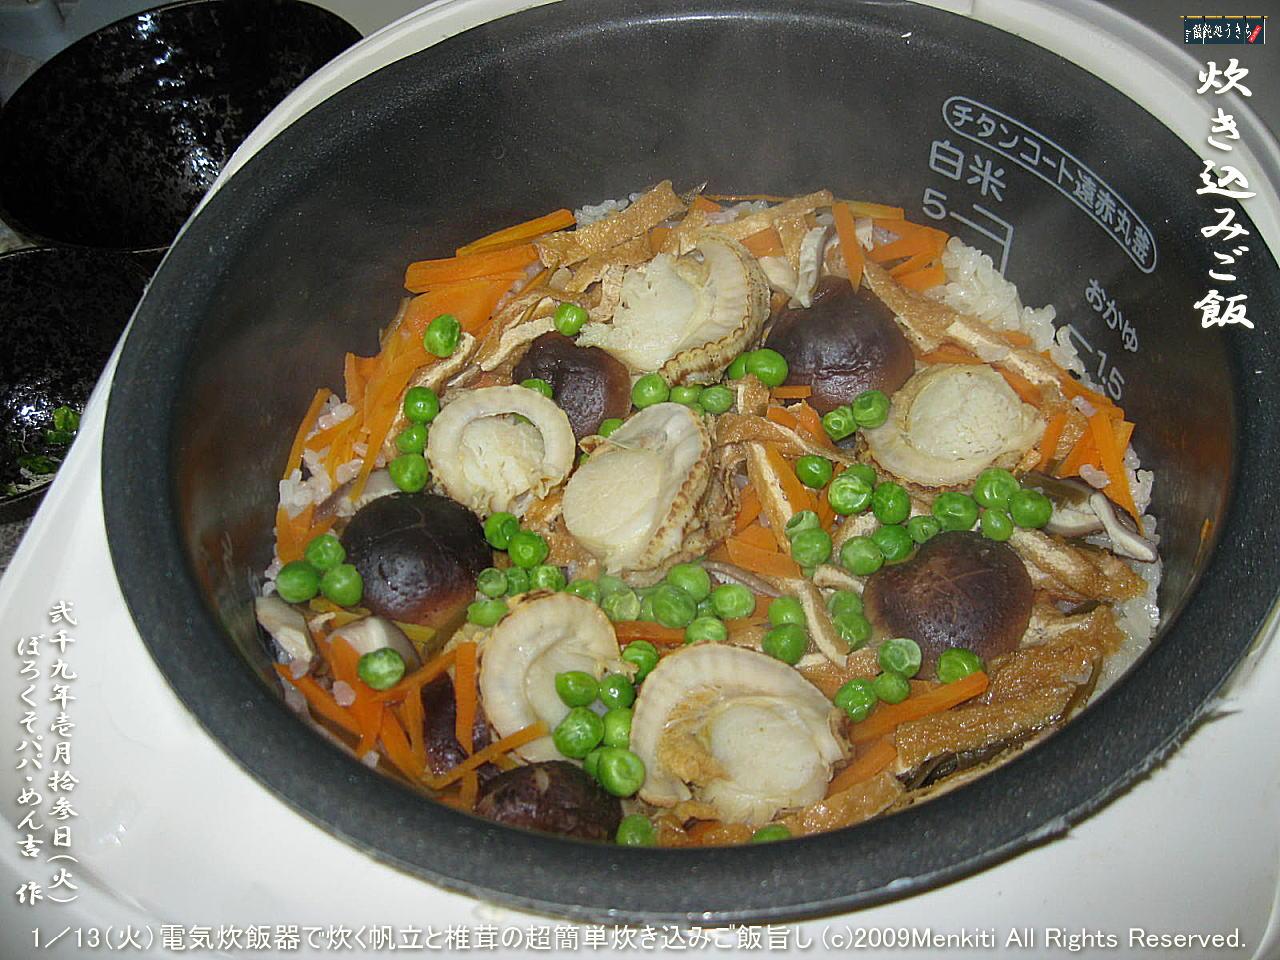 1/13(火)電気炊飯器で炊く帆立と椎茸の超簡単炊き込みご飯旨し@キャツピ&めん吉の【ぼろくそパパの独り言】     ▼クリックで1280x960pxlsに拡大します。